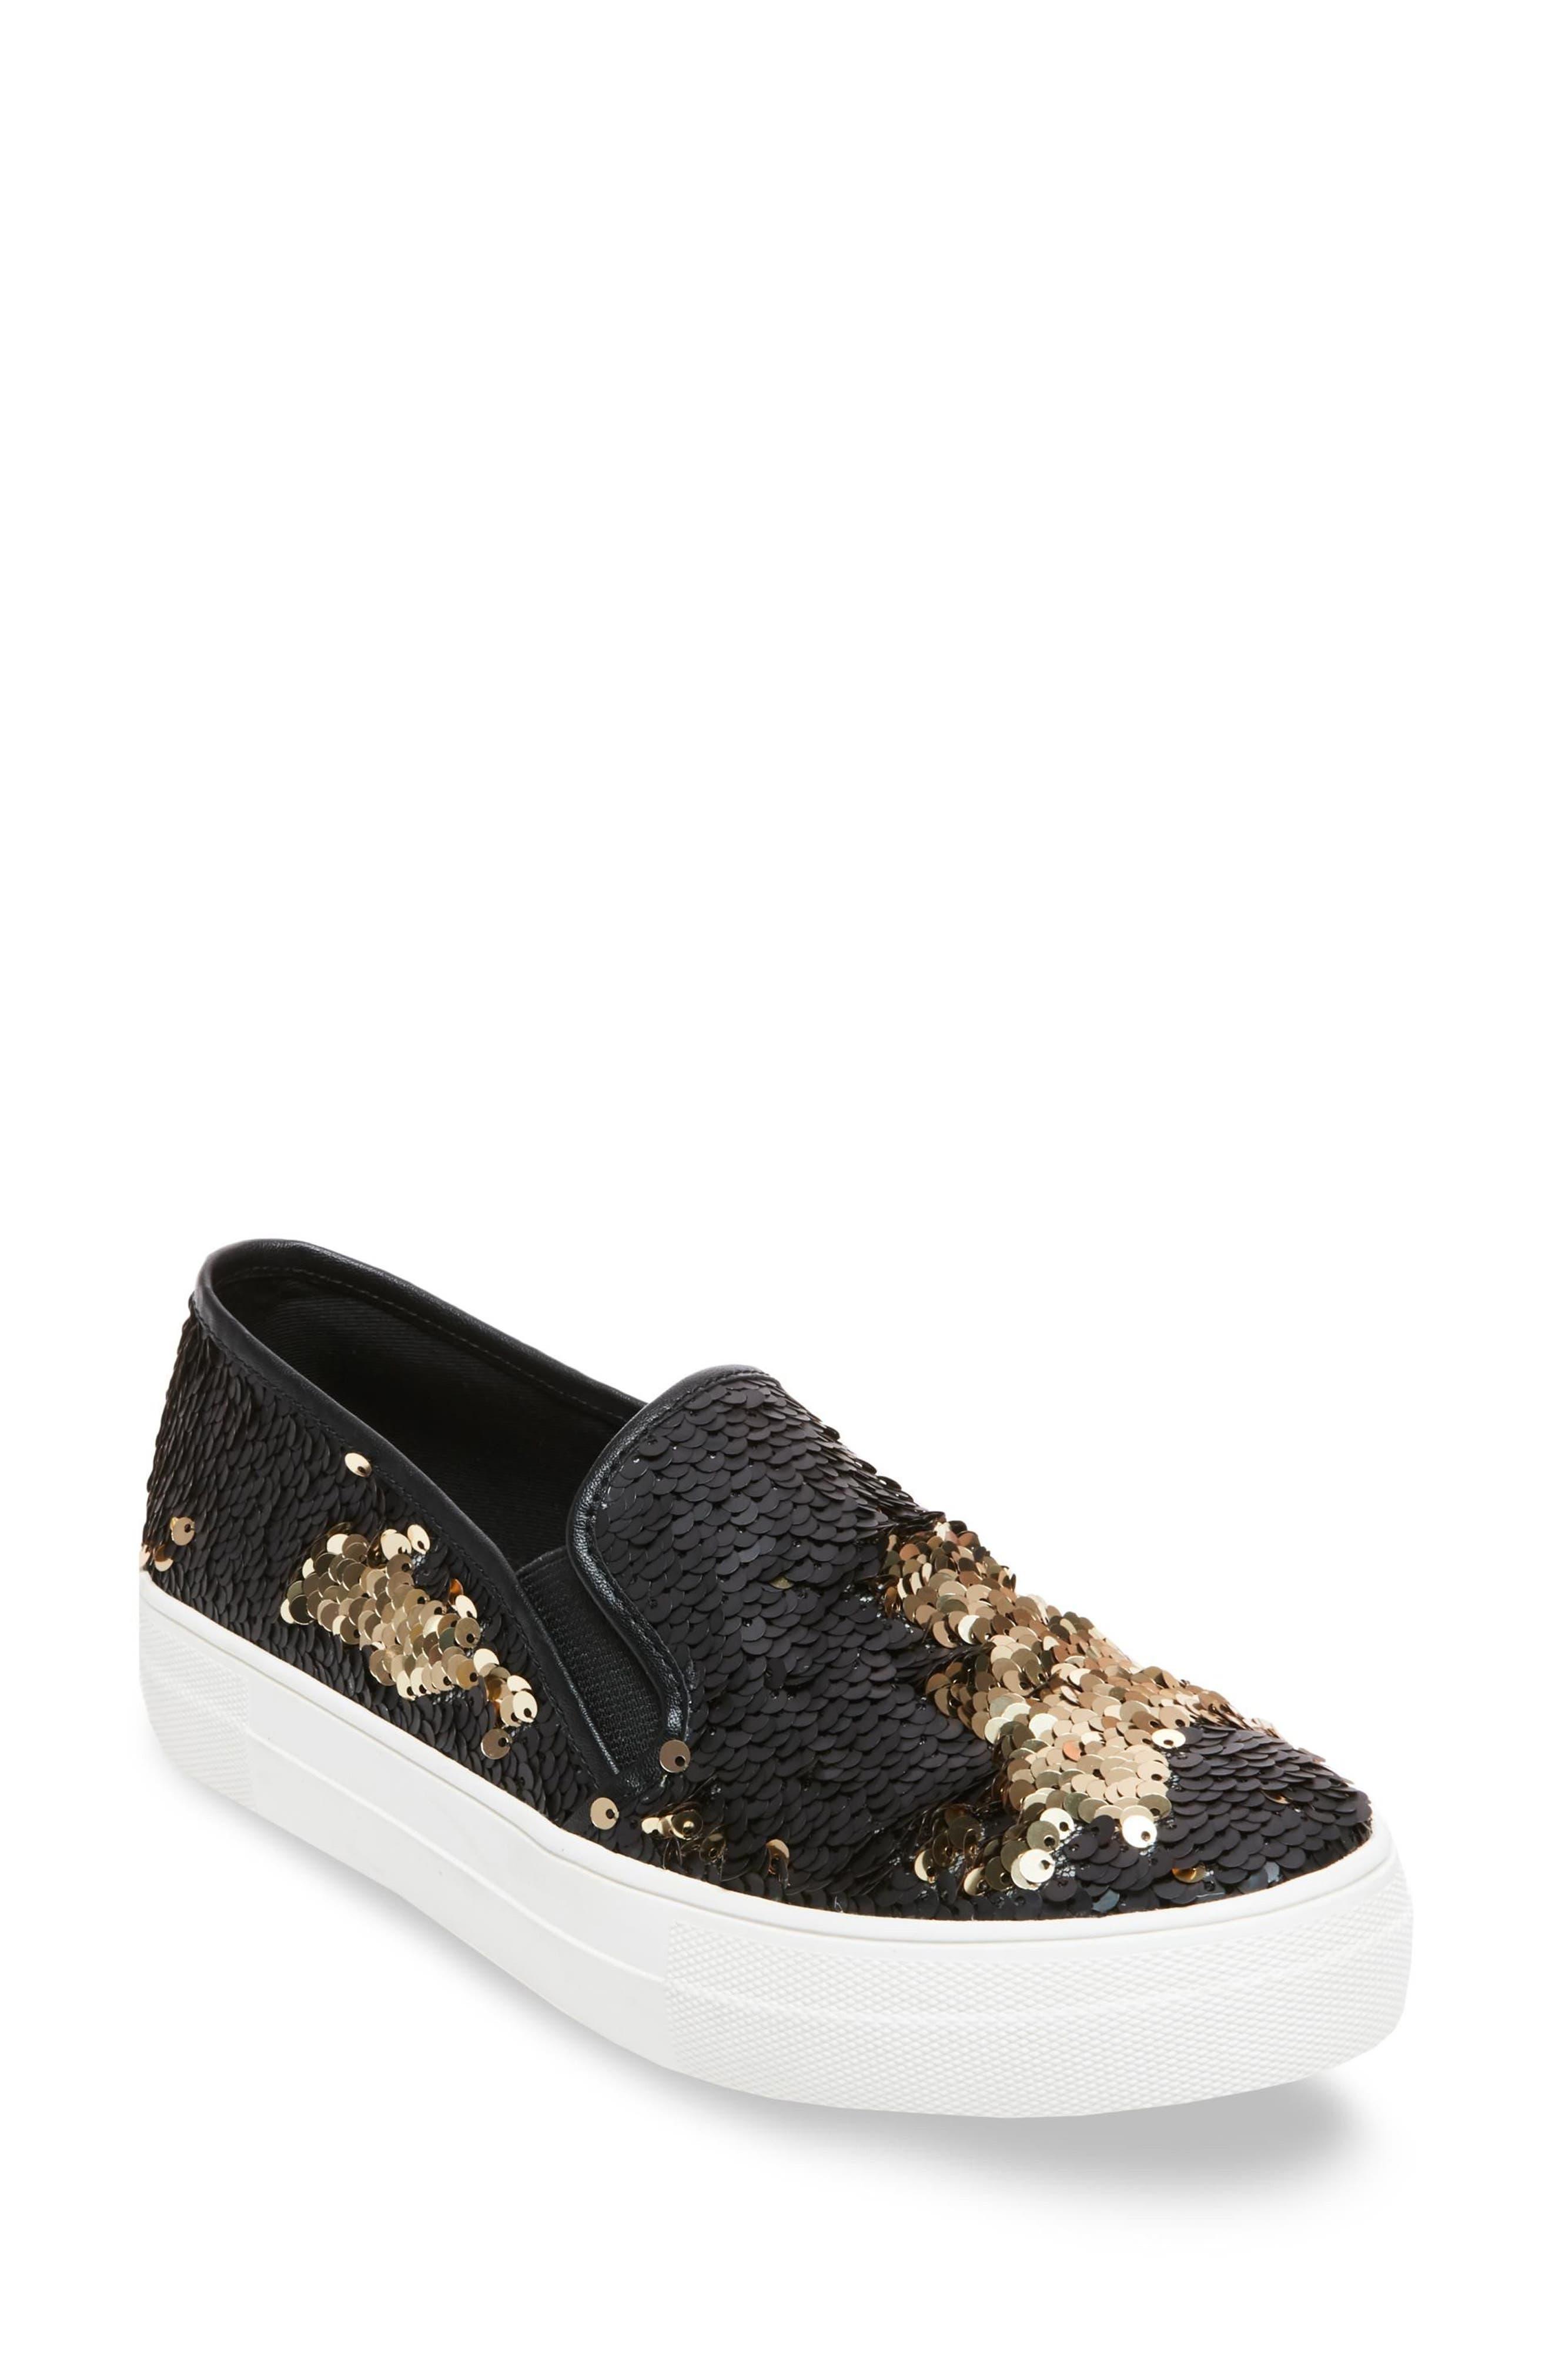 Gills Sequined Slip-On Platform Sneaker,                         Main,                         color,